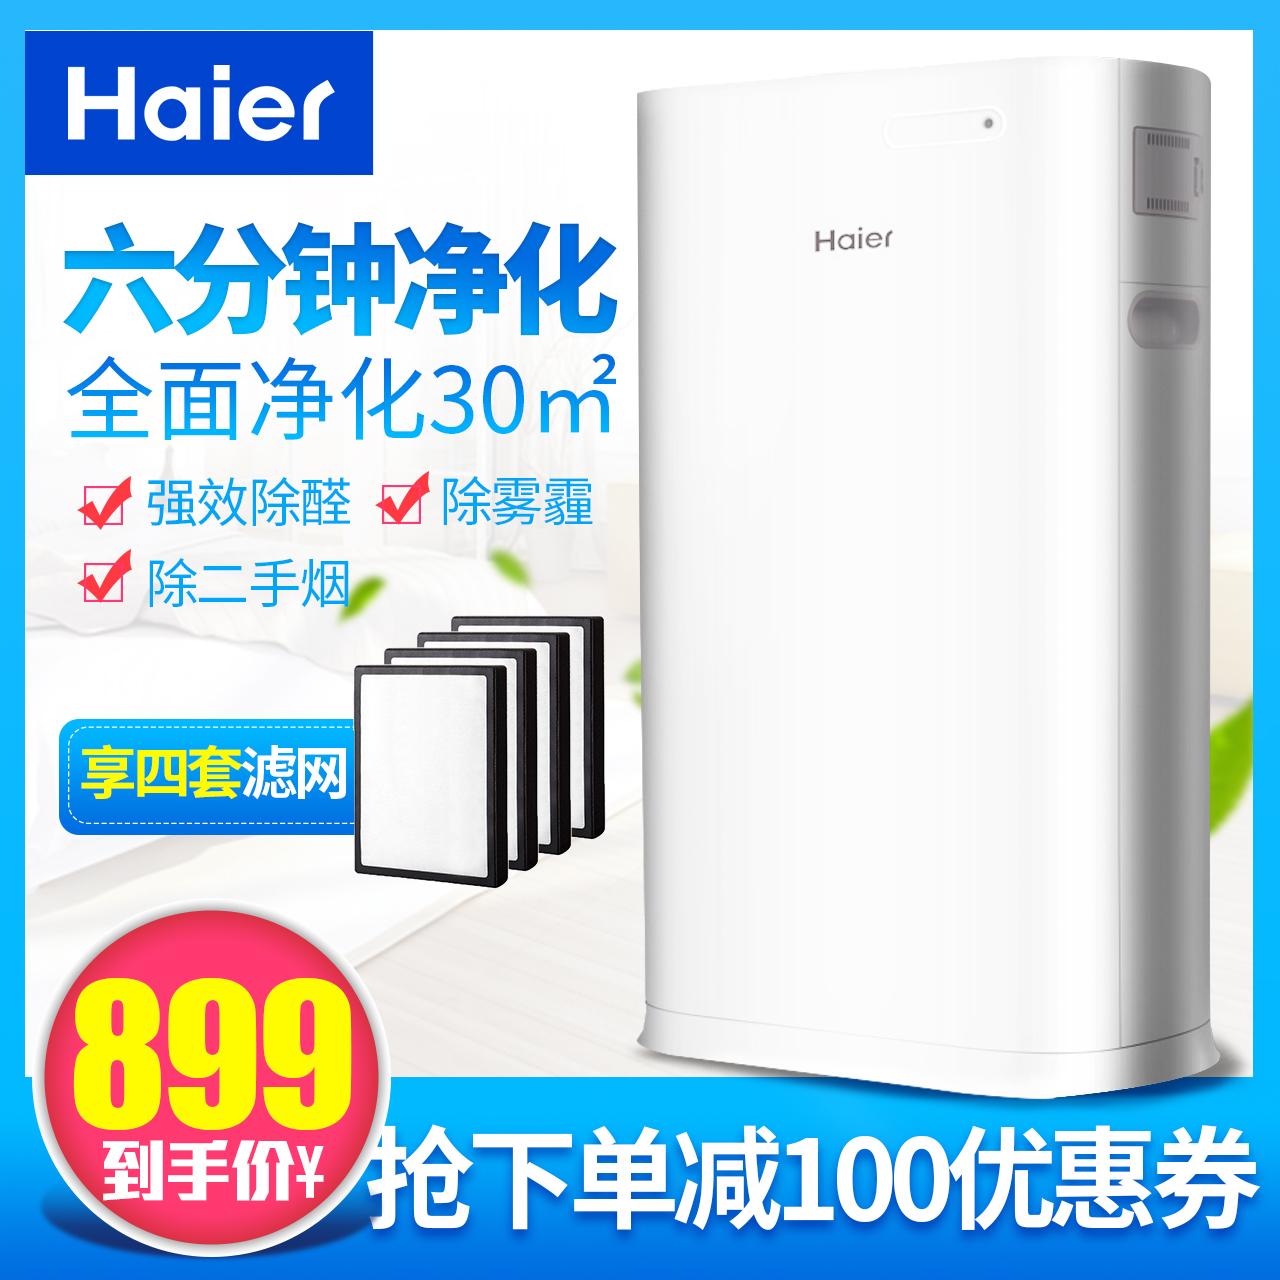 海尔空气净化器家用卧室内智能负离子去除甲醛二手烟雾霾PM2.5